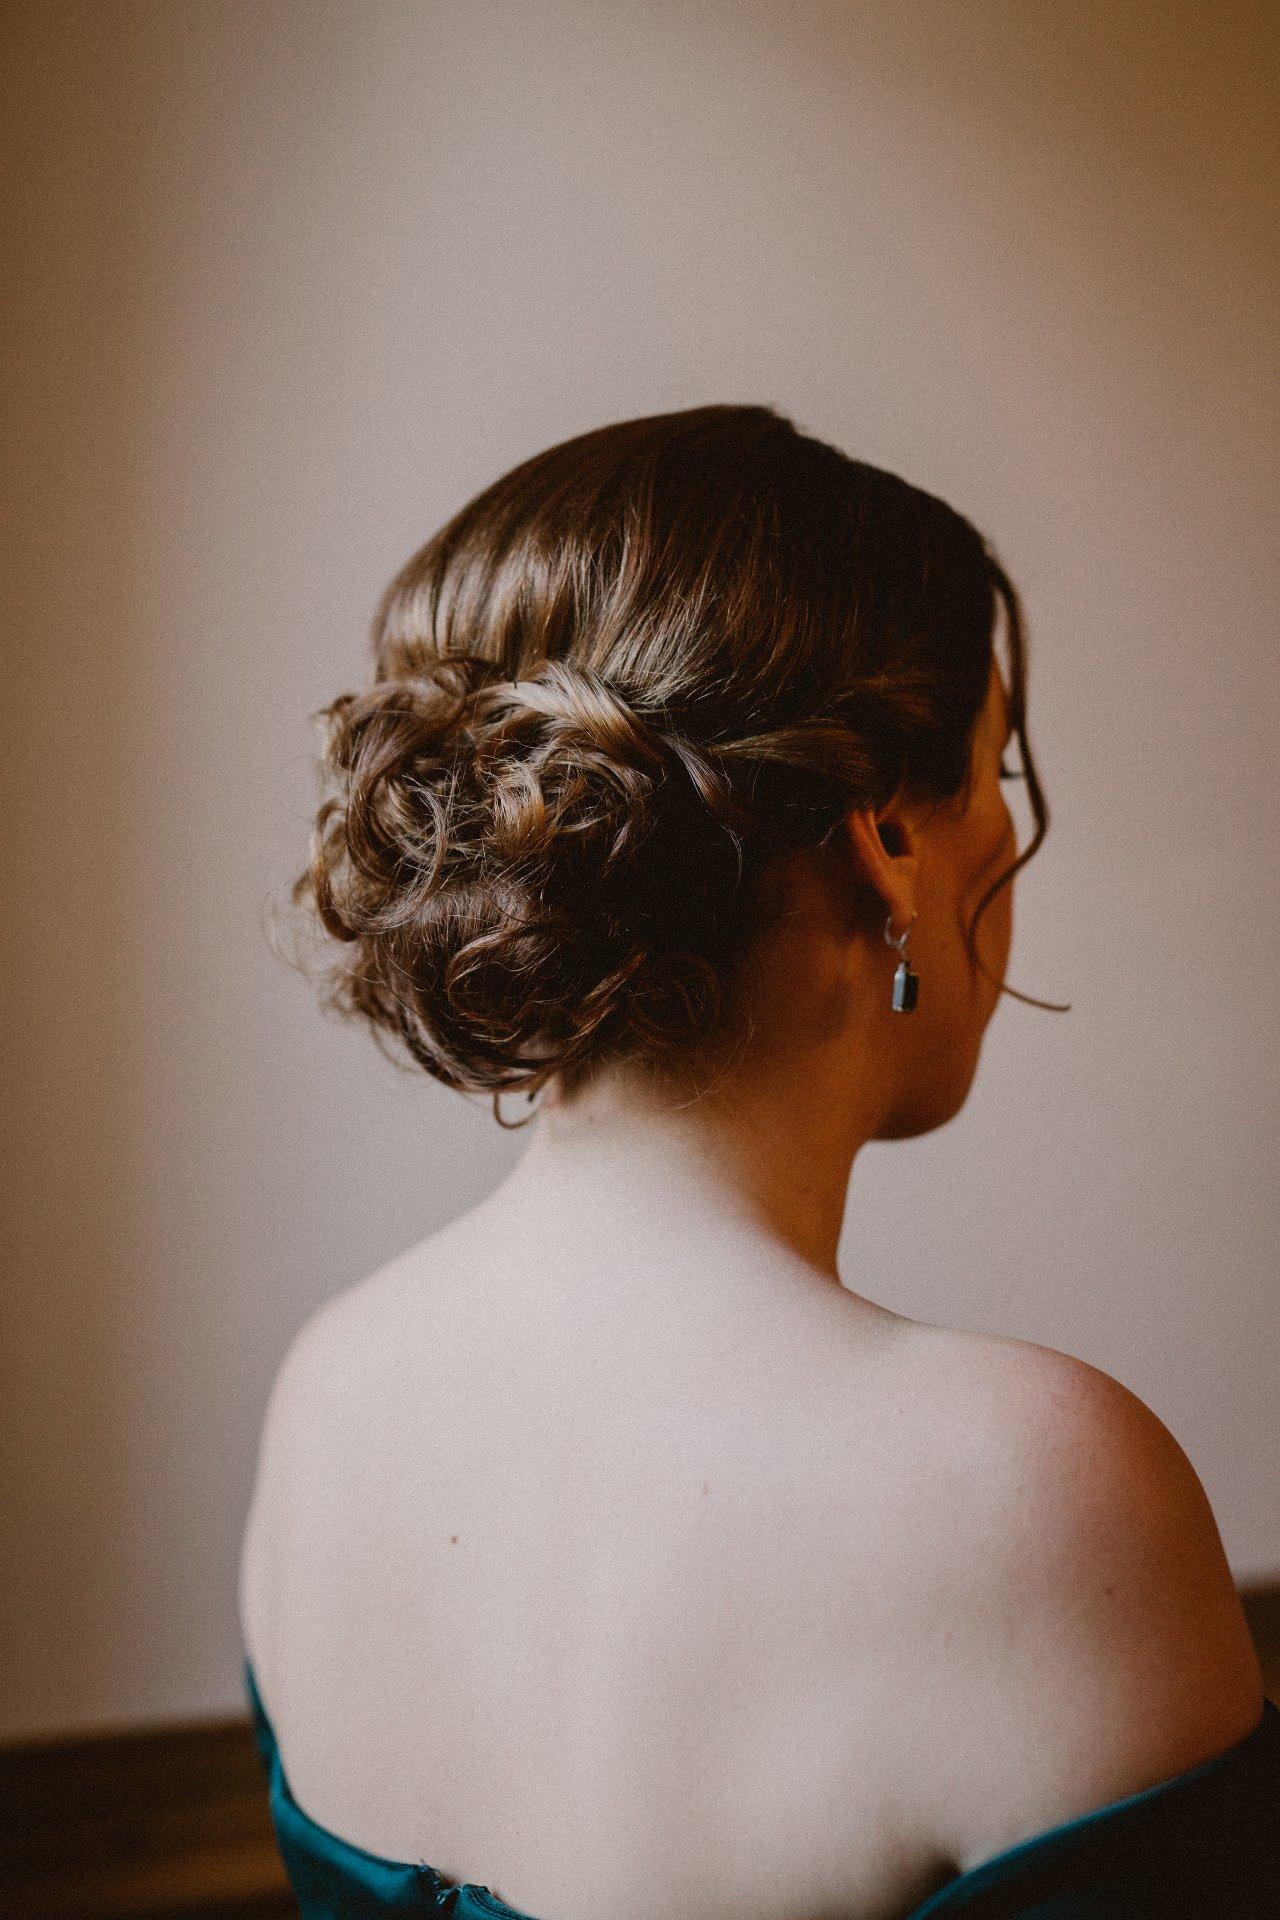 sterenn-officiante-ceremonie-laique-coiffure-demoiselle-honneur-302